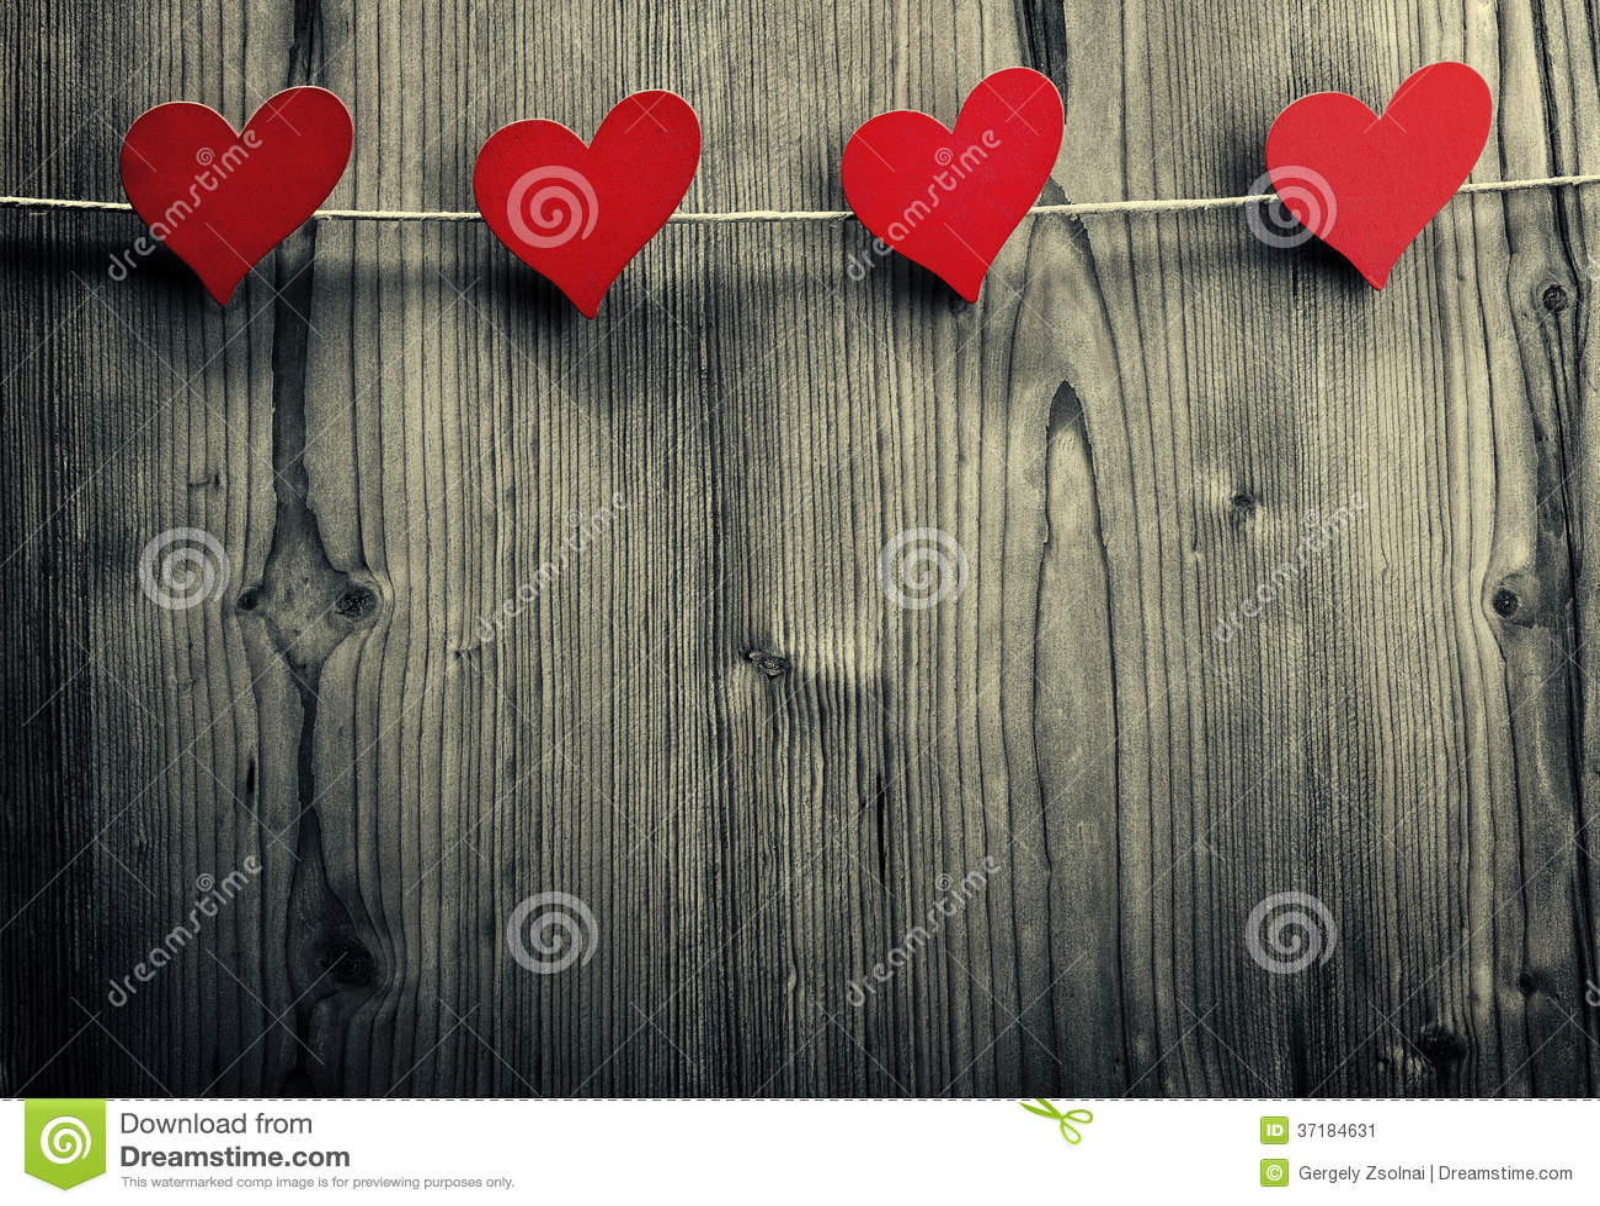 Hjärta-formade gem hänger på repet, valentins dag, förälskelsetapet